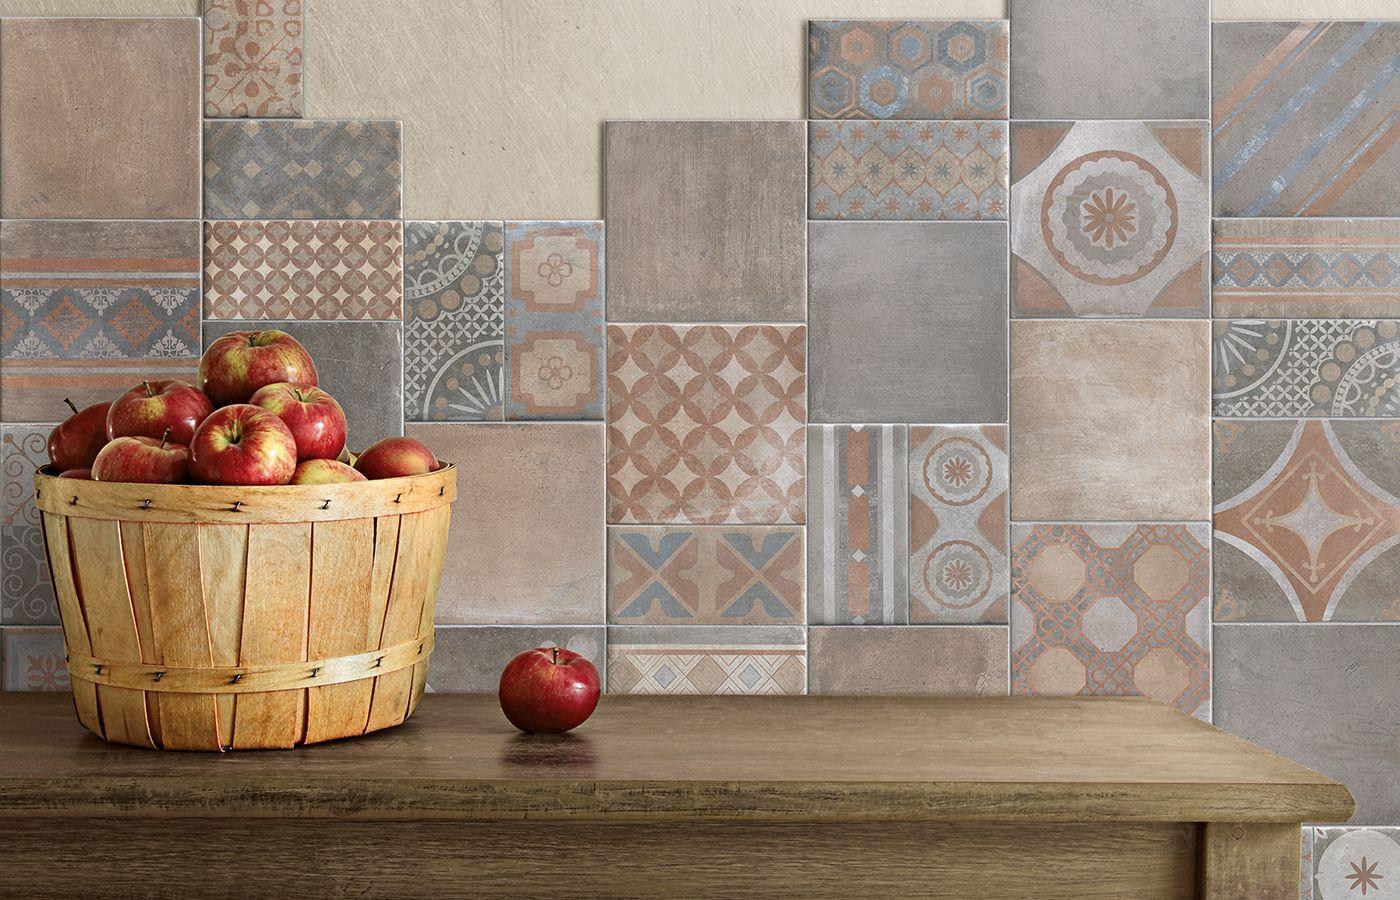 Classic cir manifatture ceramiche new orleans royal for Ceramiche cir